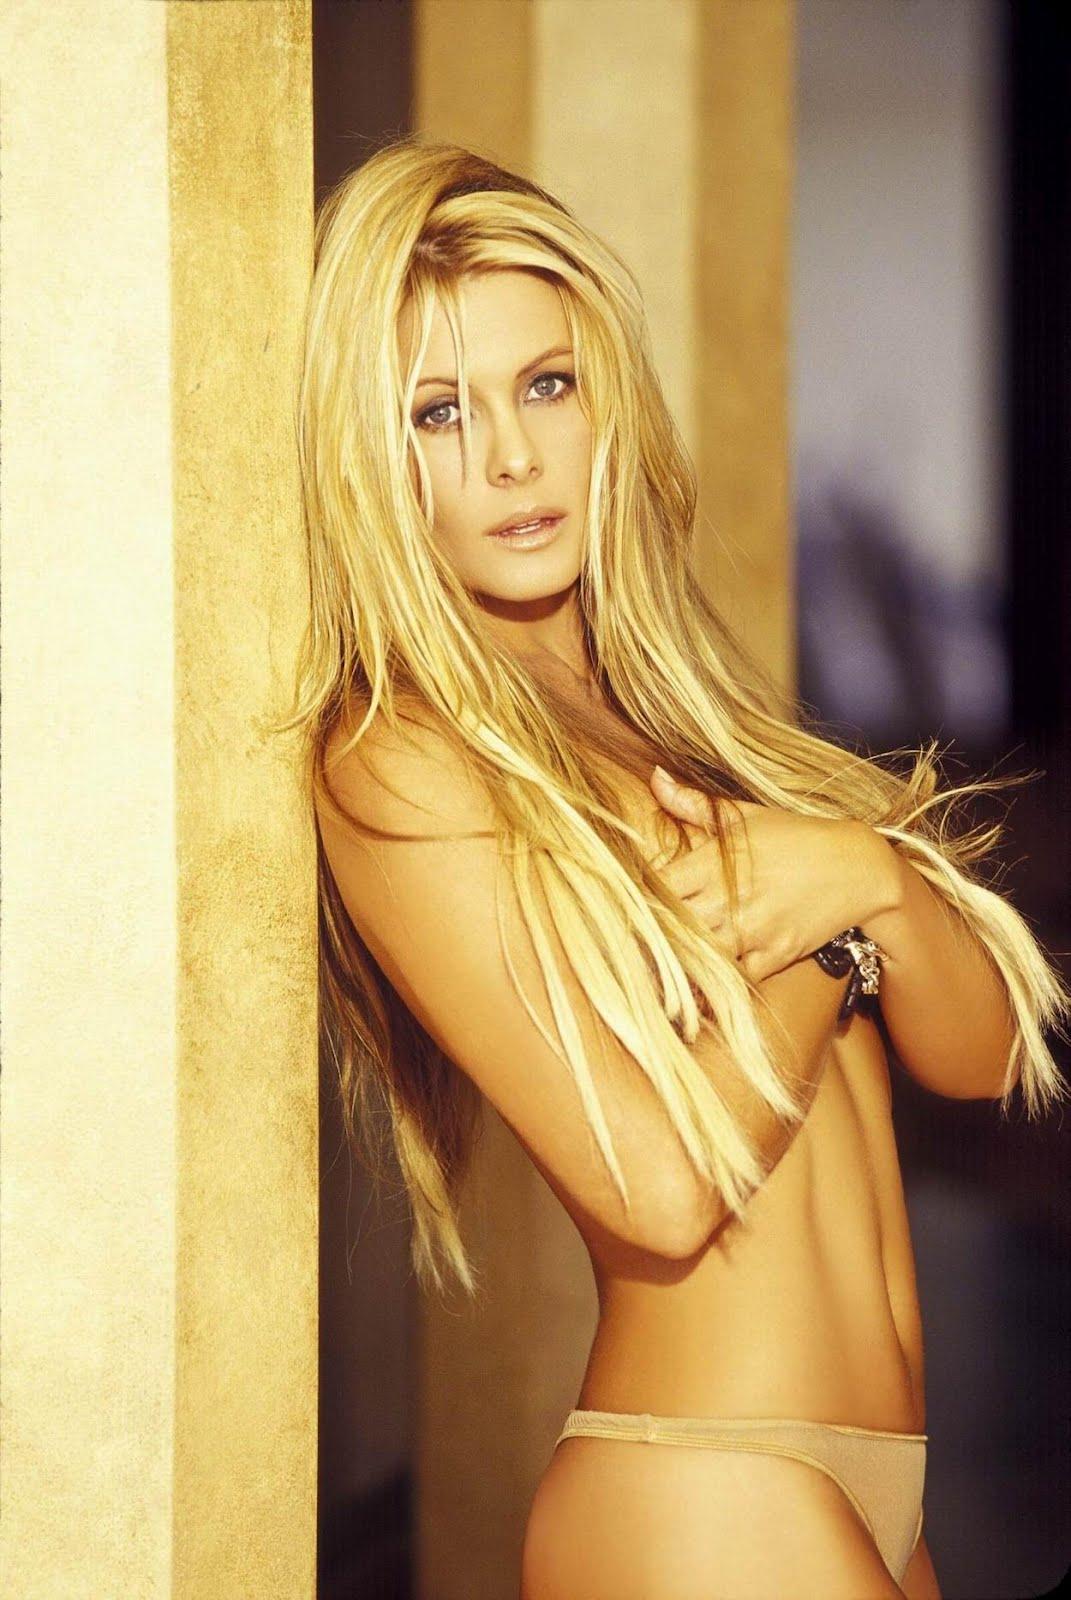 Nicole Eggert desnuda - Fotos y Vídeos -